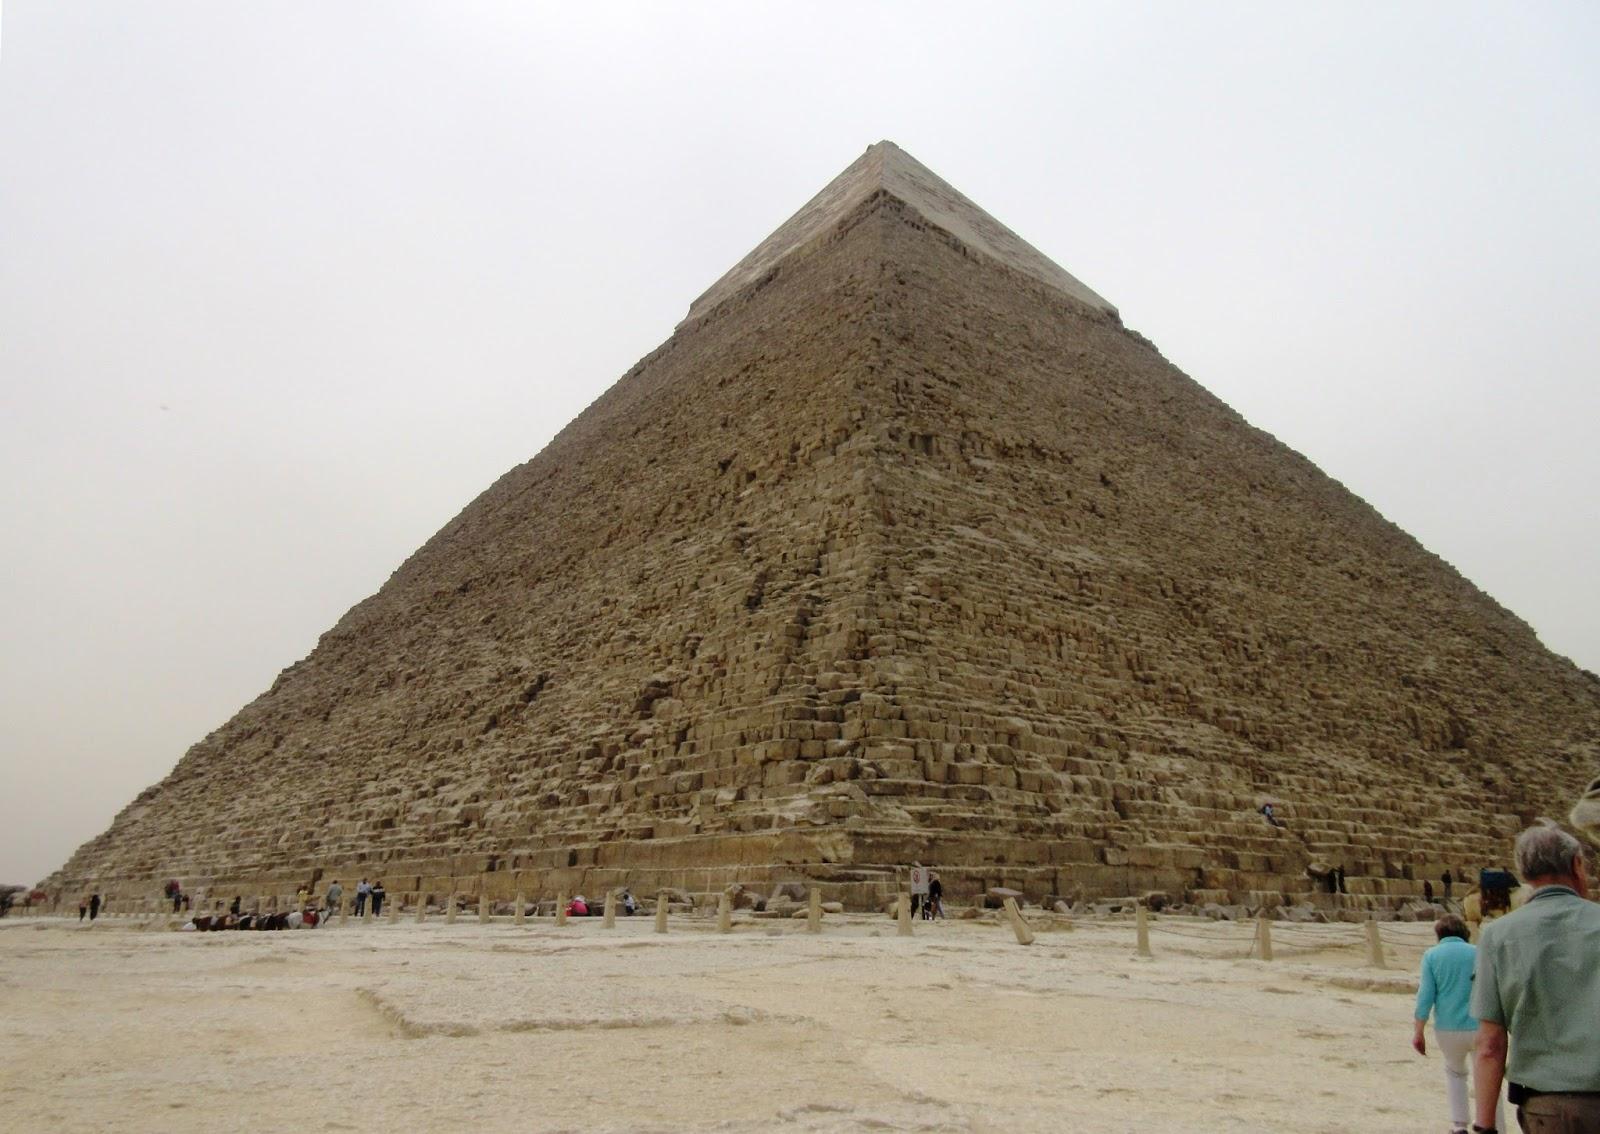 pyramids planets the bible - photo #38